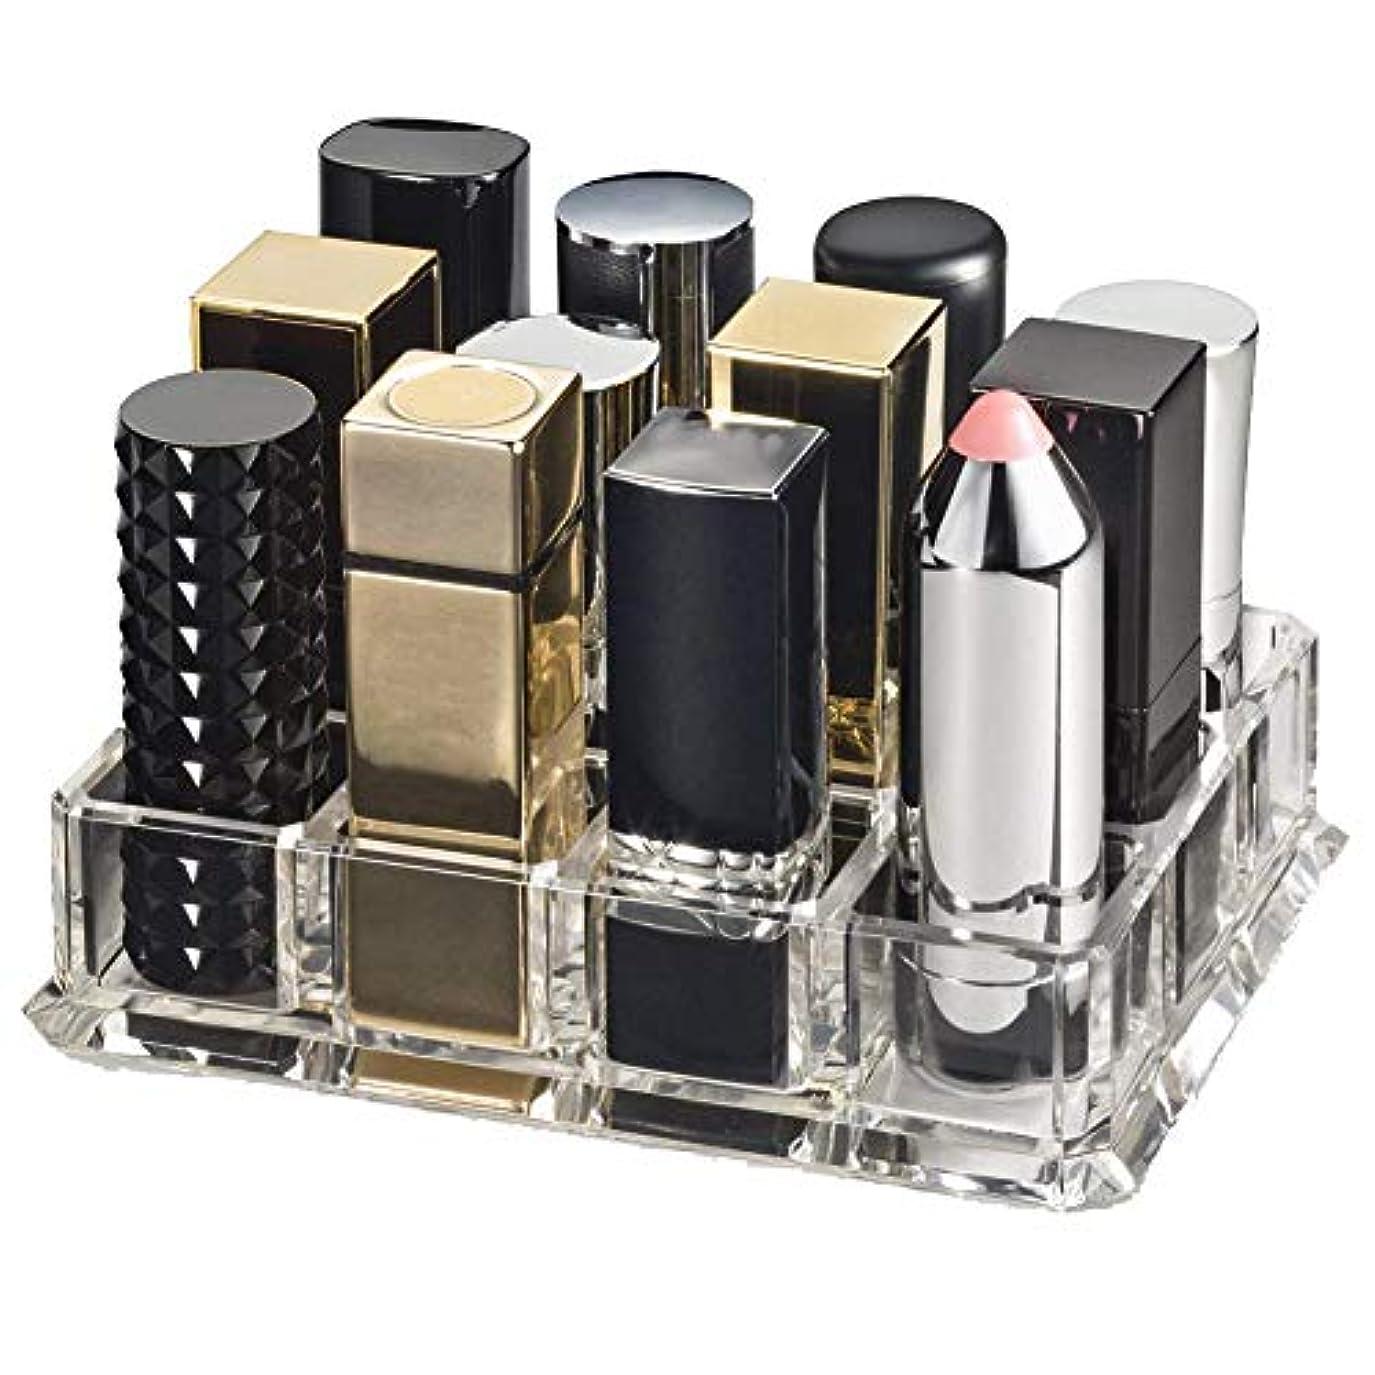 変更ディレクトリ放送hamulekfae-化粧品綺麗クリアアクリル口紅オーガナイザー12スペース化粧品収納ボックスケース - 透明